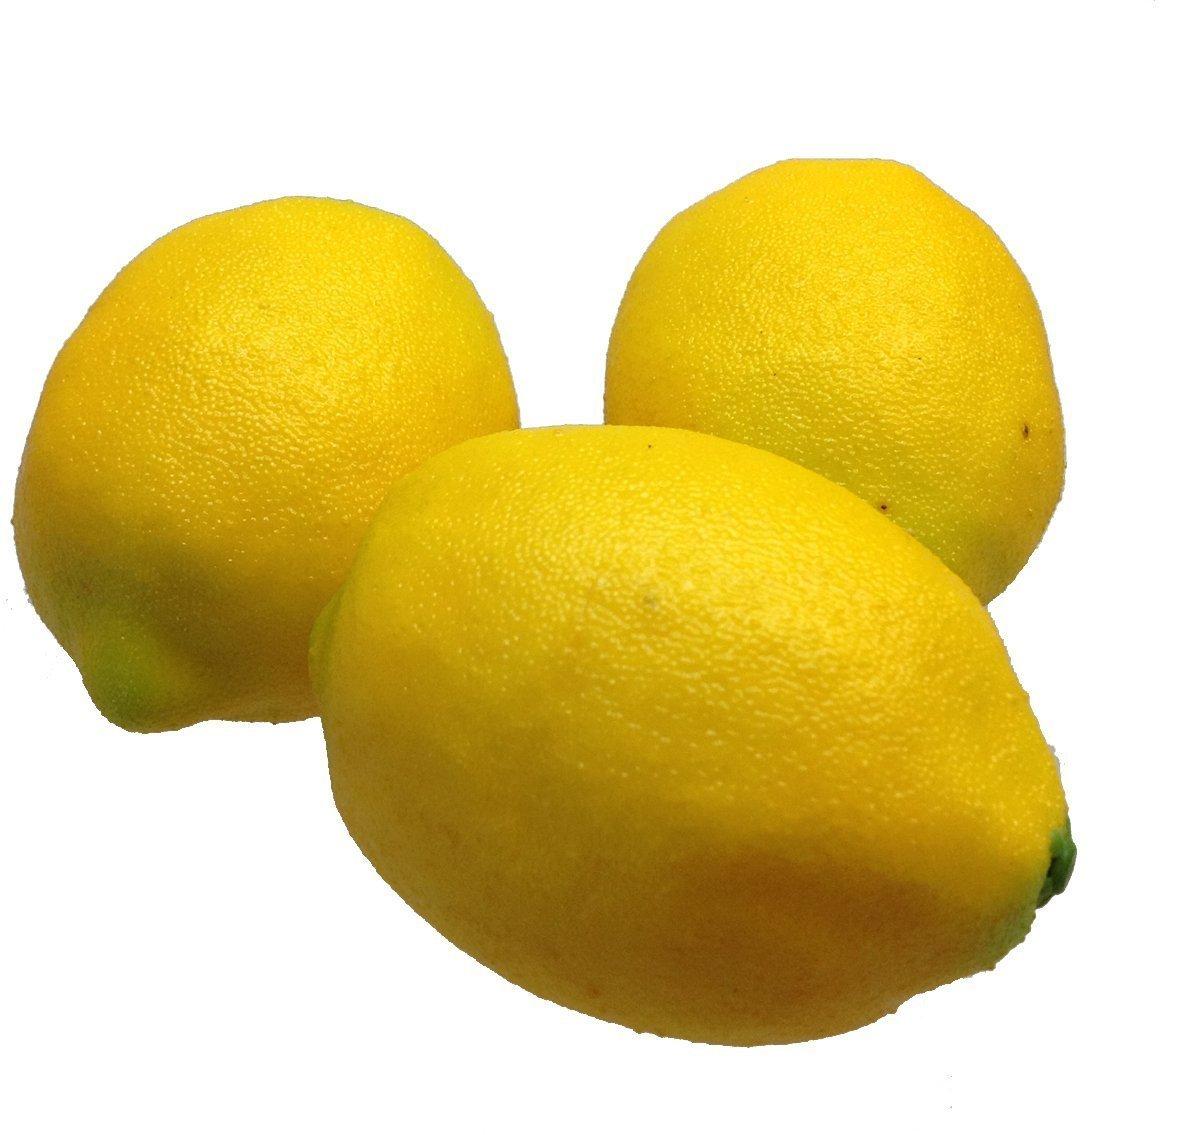 Deko Zitronen gelb 3 Stück Kunstobst Kunstgemüse künstliches Obst Gemüse Dekoration GMMH